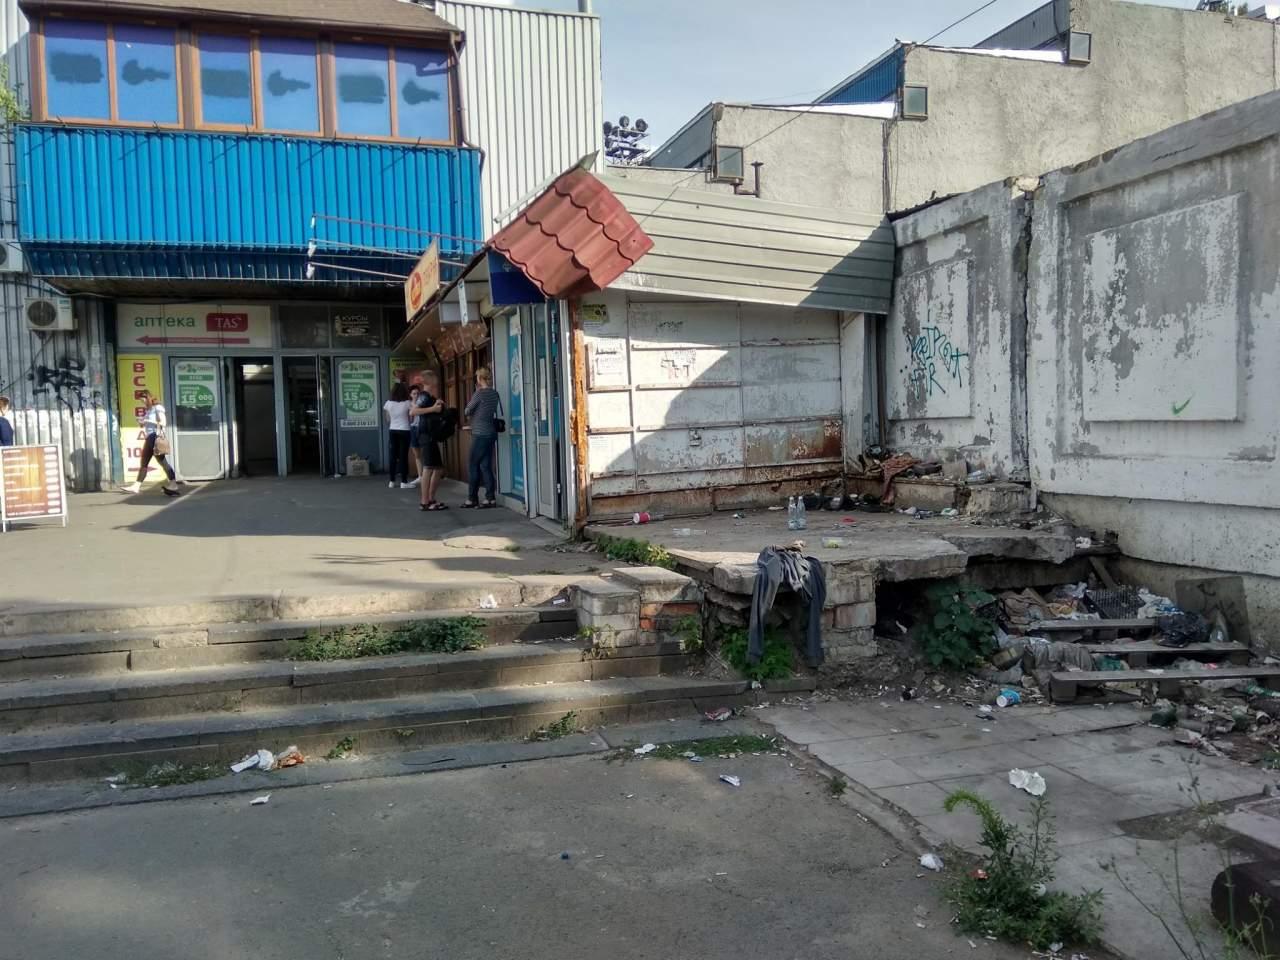 В Киеве территория вблизи ж/д вокзала завалена мусором (фото)